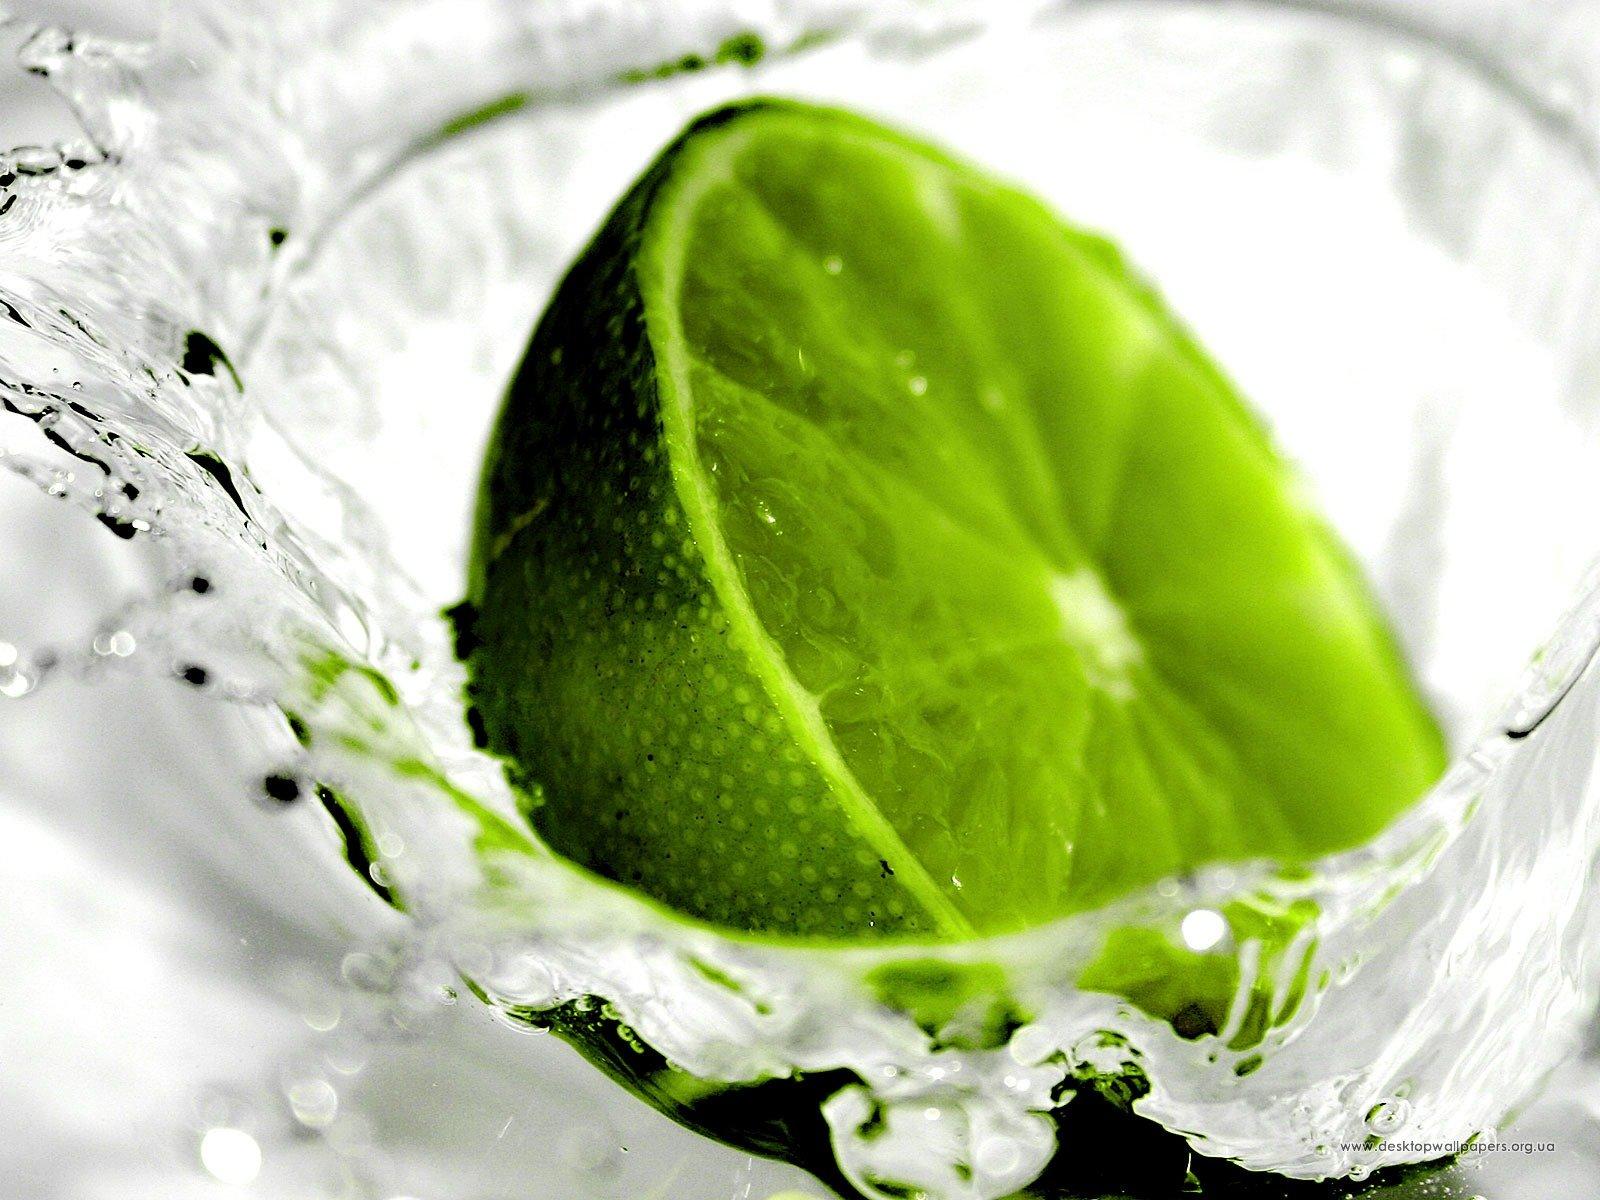 Шпалери зелений лимон переглянути